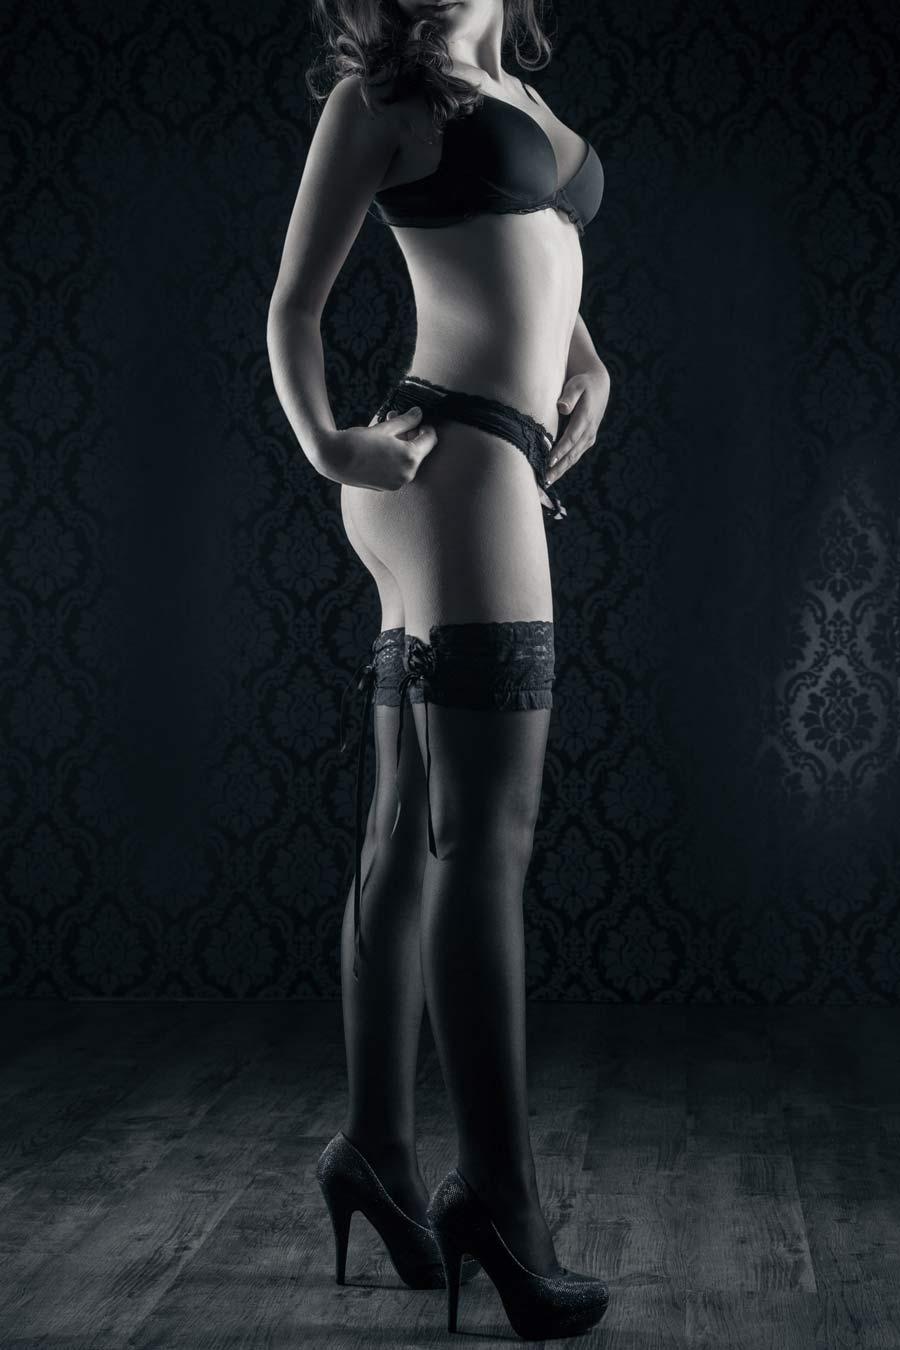 Erotisches Foto einer Frau in Unterwäsche mit High Heels und Strümpfen